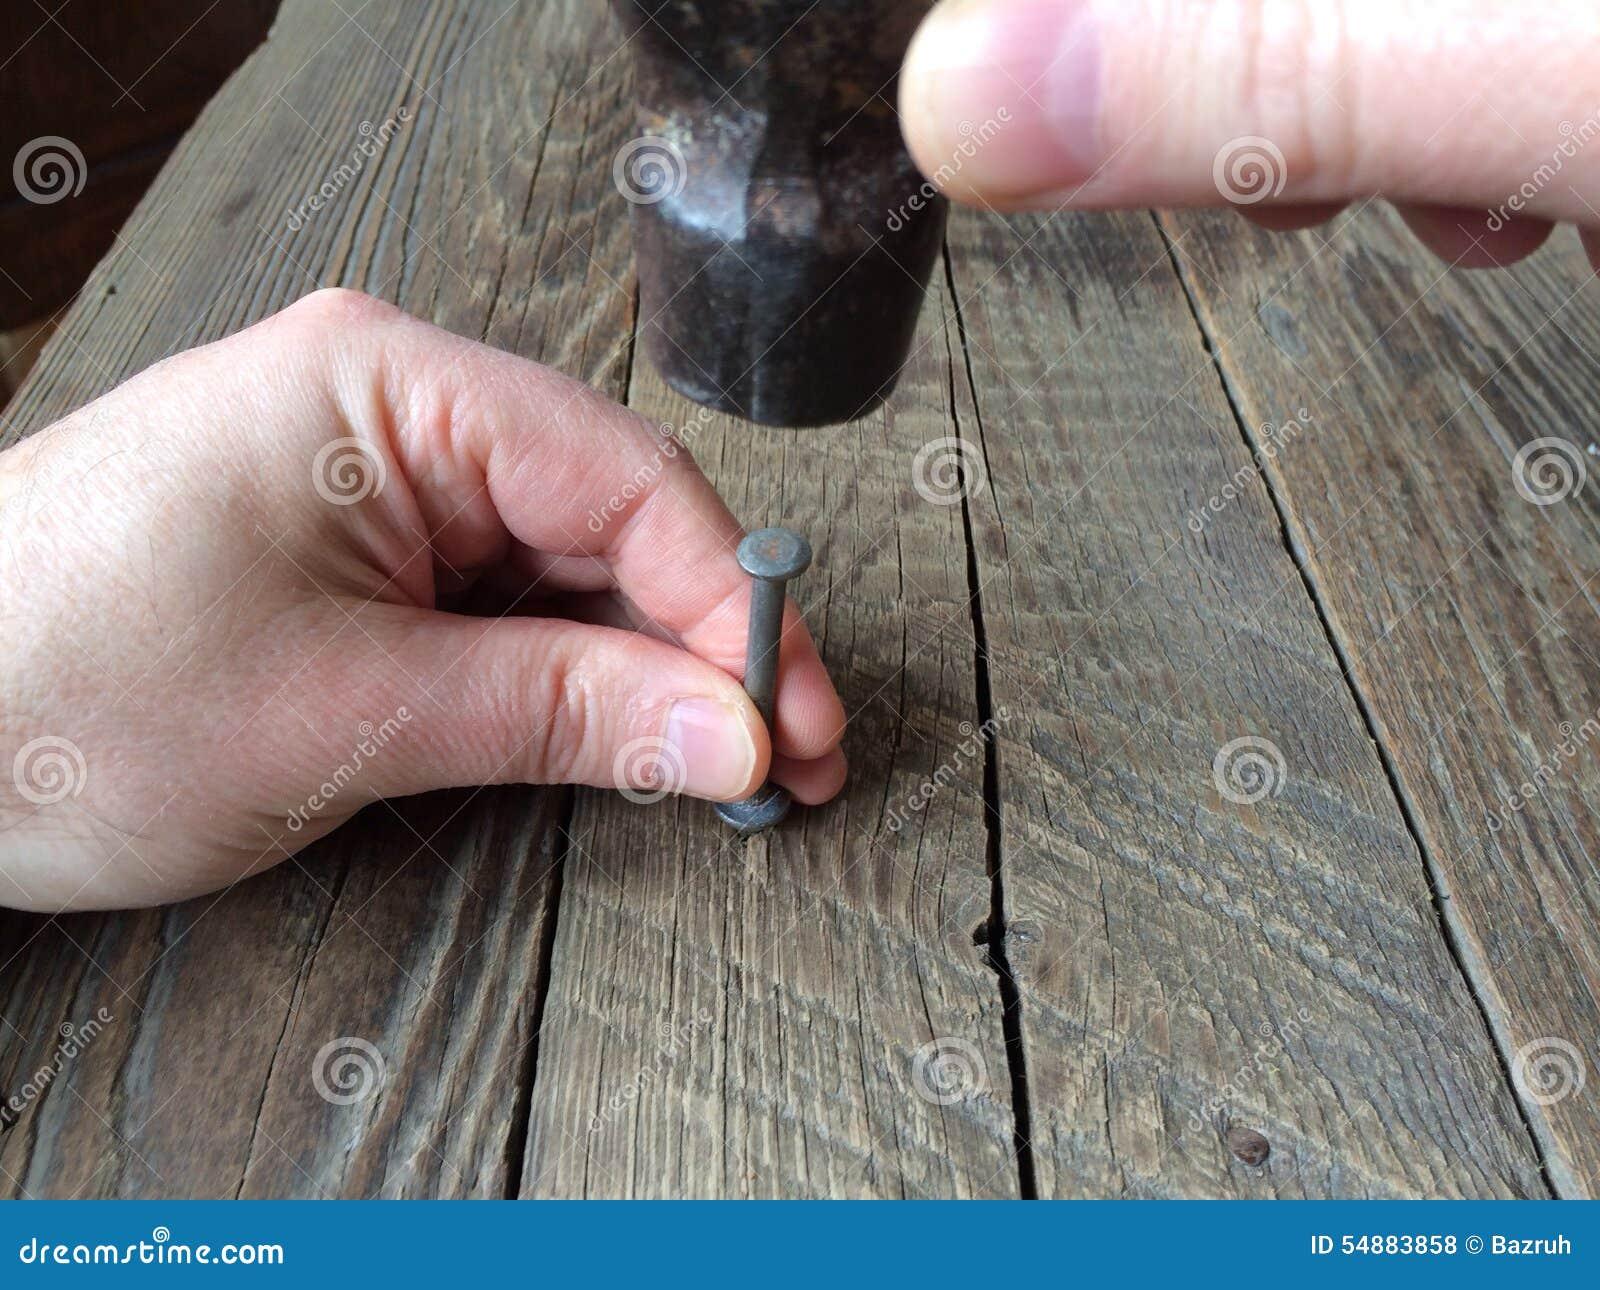 Καρφί και σφυρί σε ένα χέρι